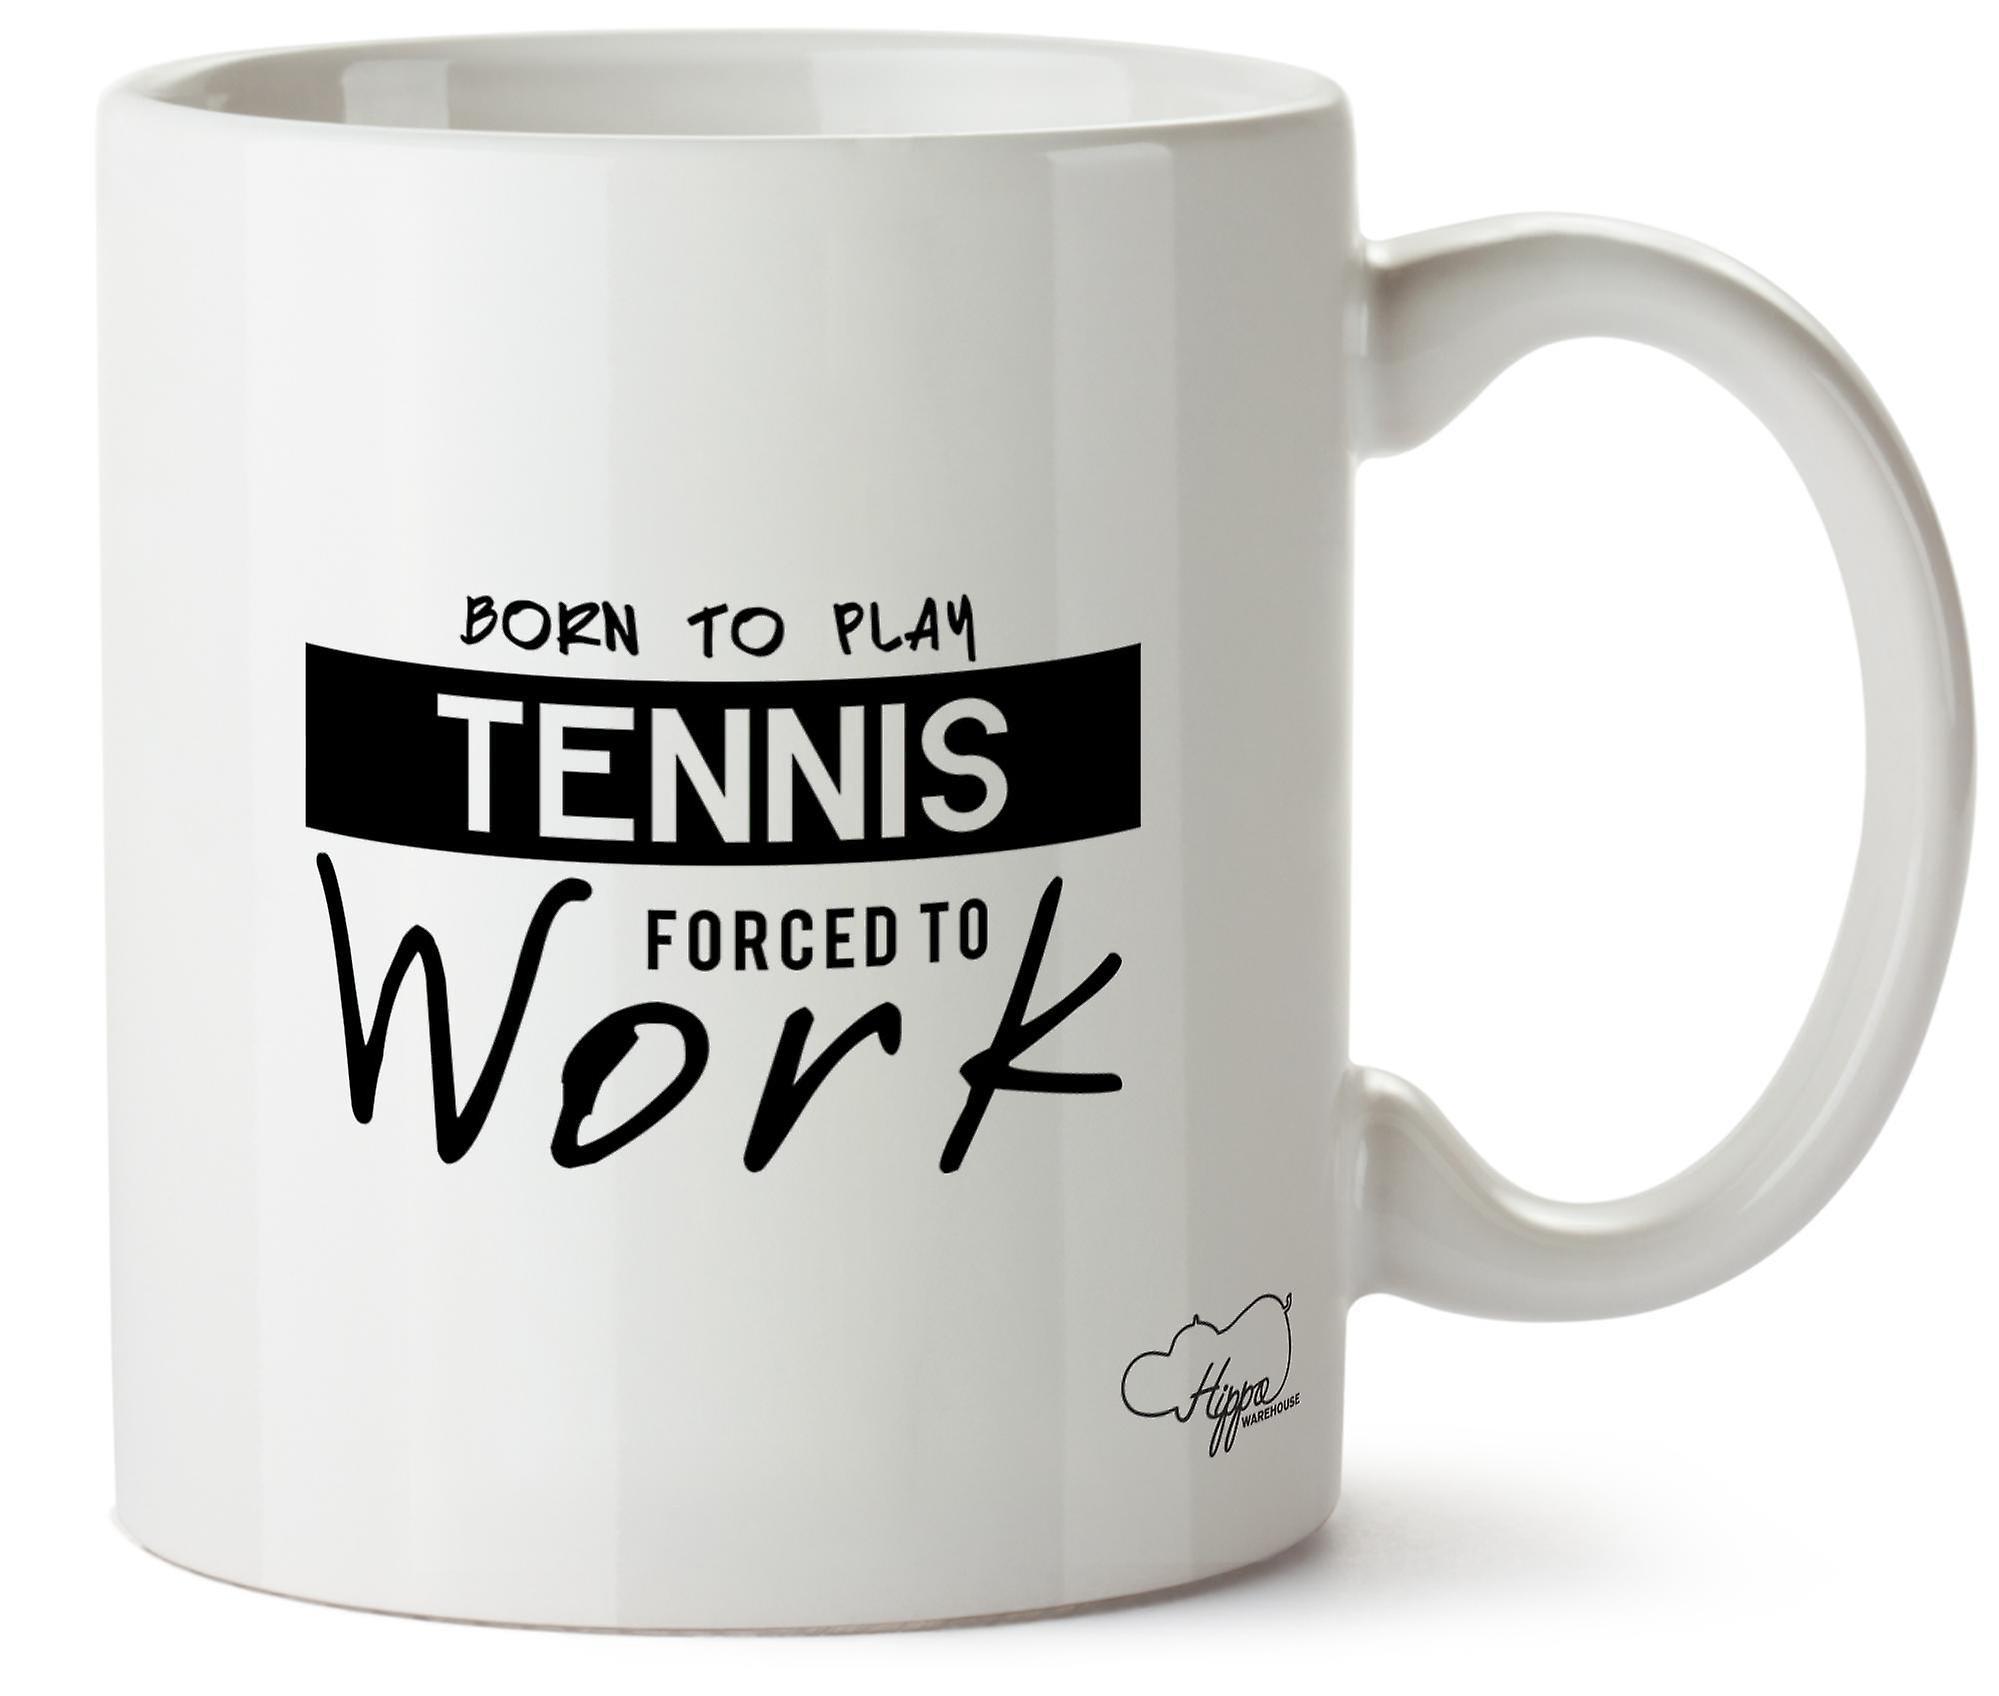 Au Pour Né De Jouer Hippowarehouse En Travailler TennisObligés Céramique Le Papier Tasse 10oz bfg76y